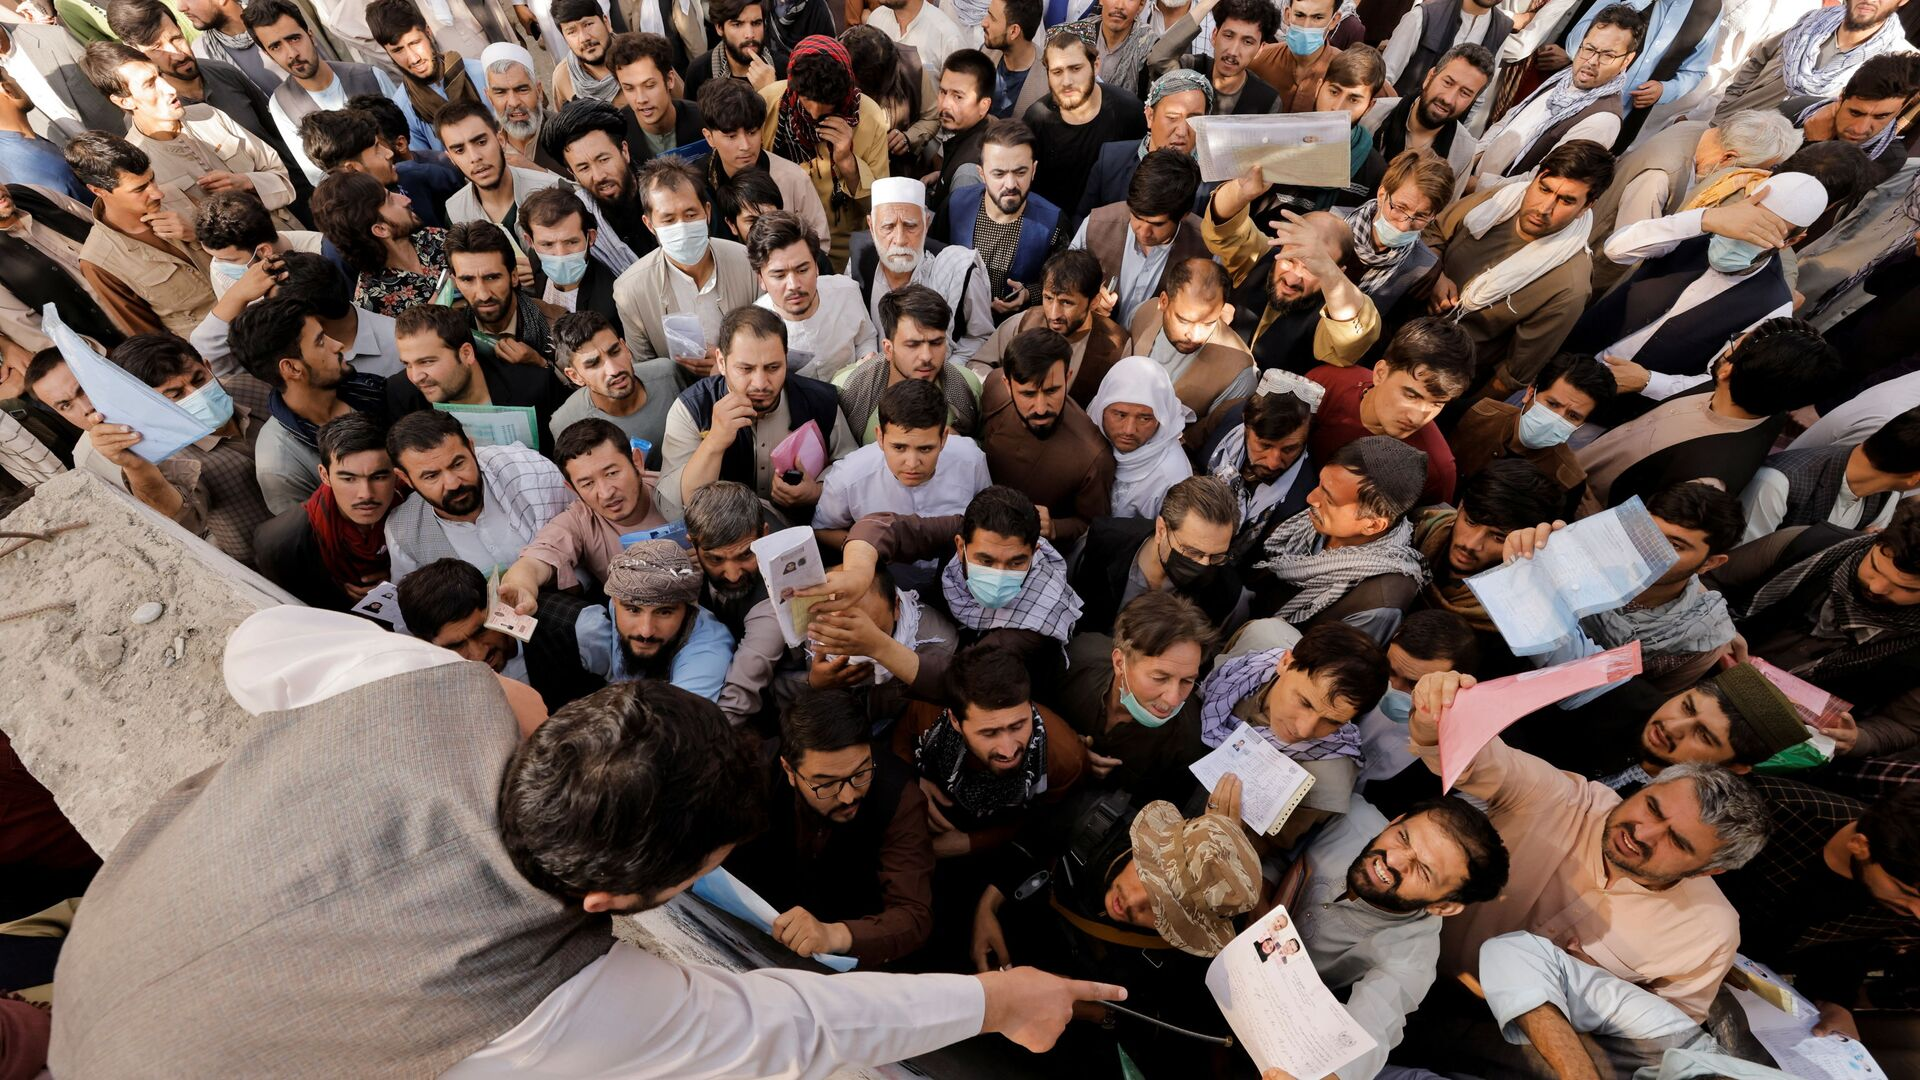 Афганцы собираются у паспортного стола в Кабуле, Афганистан - Sputnik Узбекистан, 1920, 13.10.2021